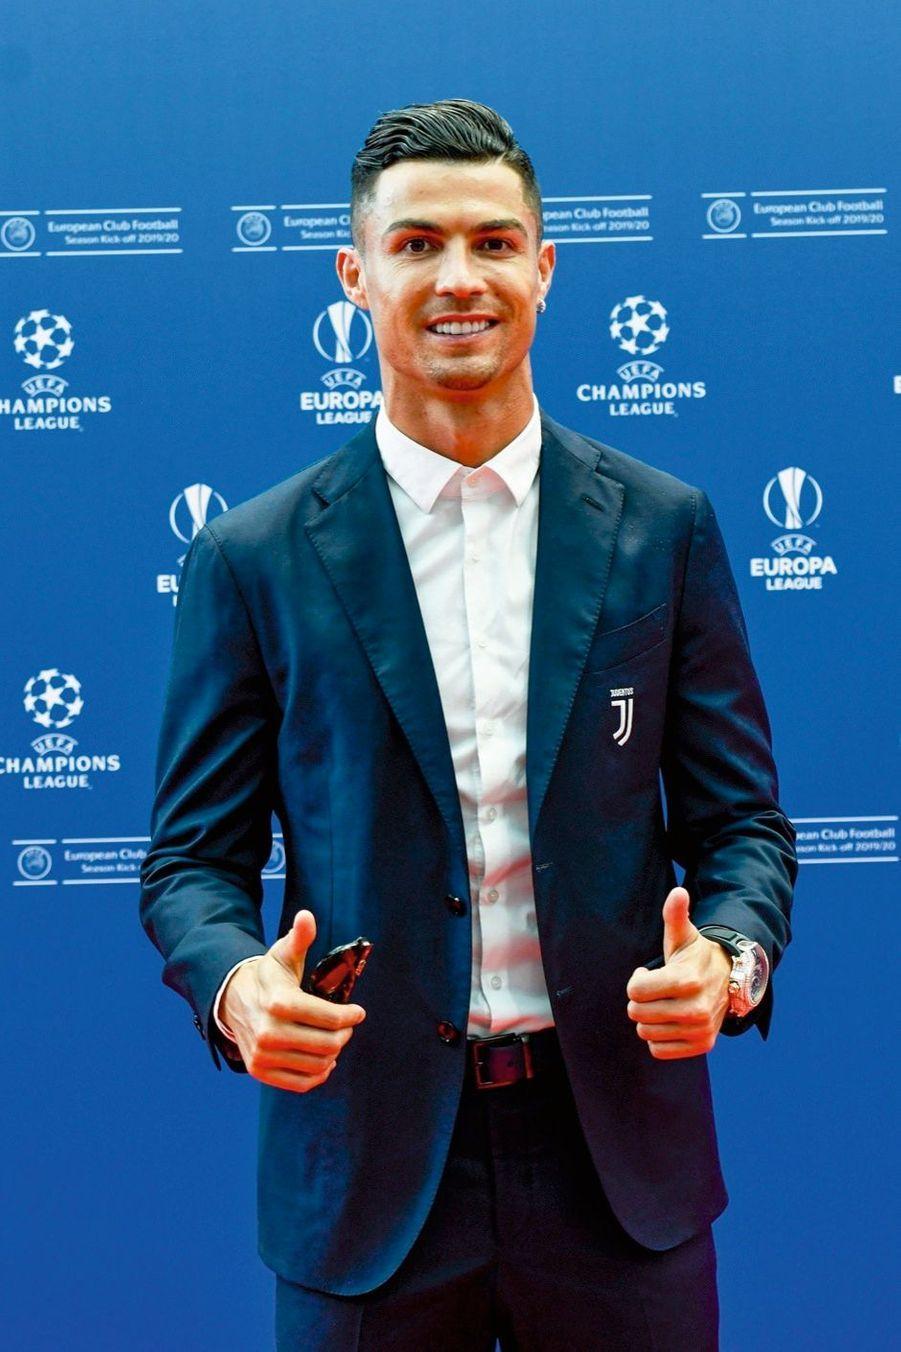 Cristiano Ronaldo LE FOOTBALLEUR A OFFERT DEUX UNITÉS DE SOINS INTENSIFS d'une capacité de 10 lits chacune avec respirateurs et moniteurs cardiaques au Centre hospitalier universitaire de Lisbonne.